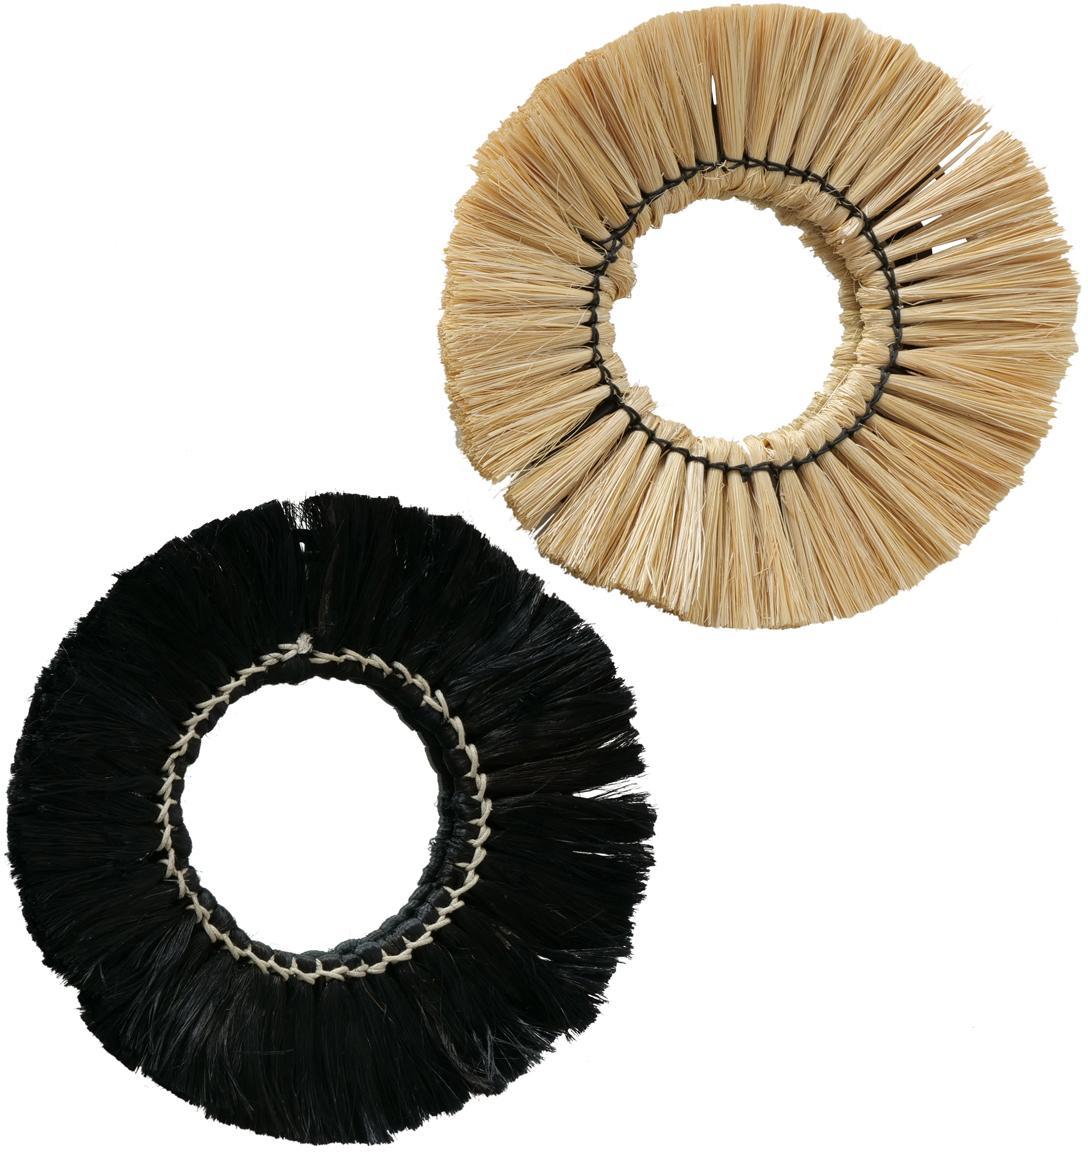 Rundes, handgeknüpftes Wandspiegel-Set Mamesa, 2-tlg., Rahmen: Metall, Stroh, Spiegelfläche: Spiegelglas, Schwarz, Beige, Ø 25 cm